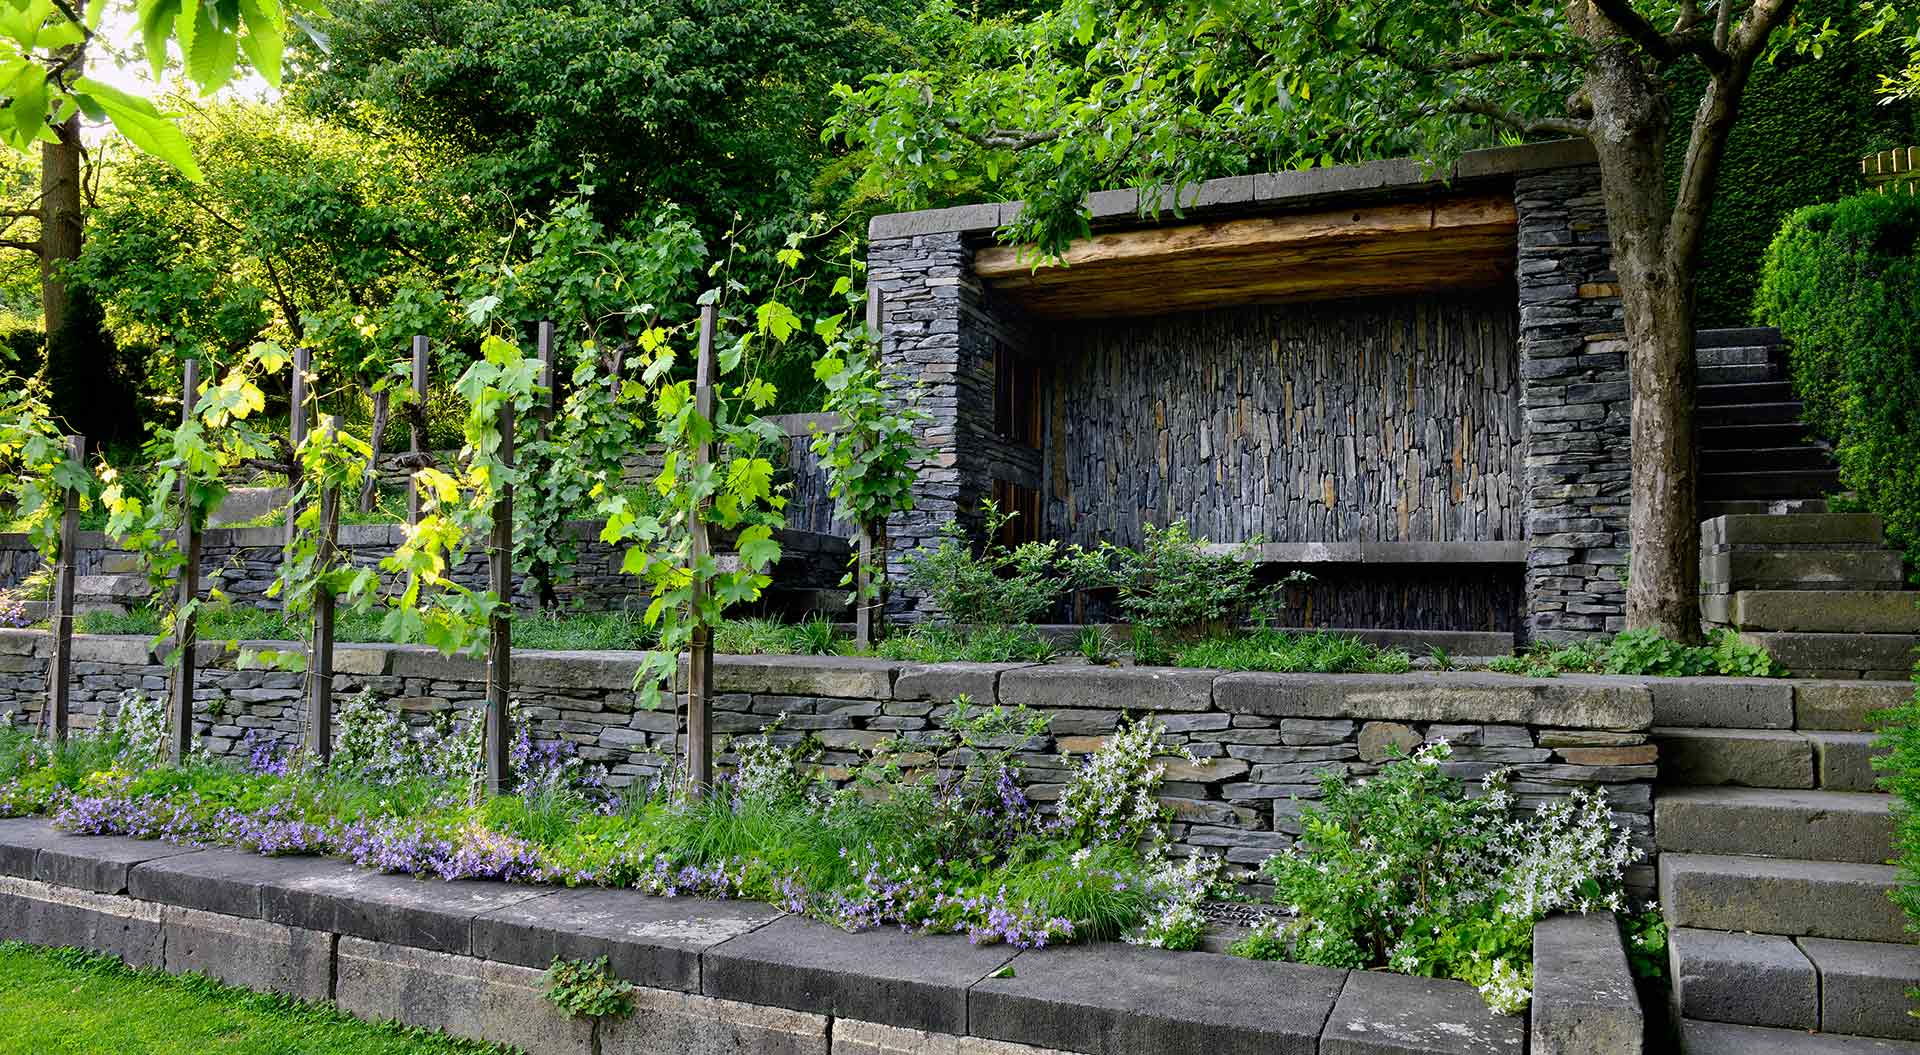 Peter berg der eigene garten das ewige hanggarten projekt - Peter berg garten ...